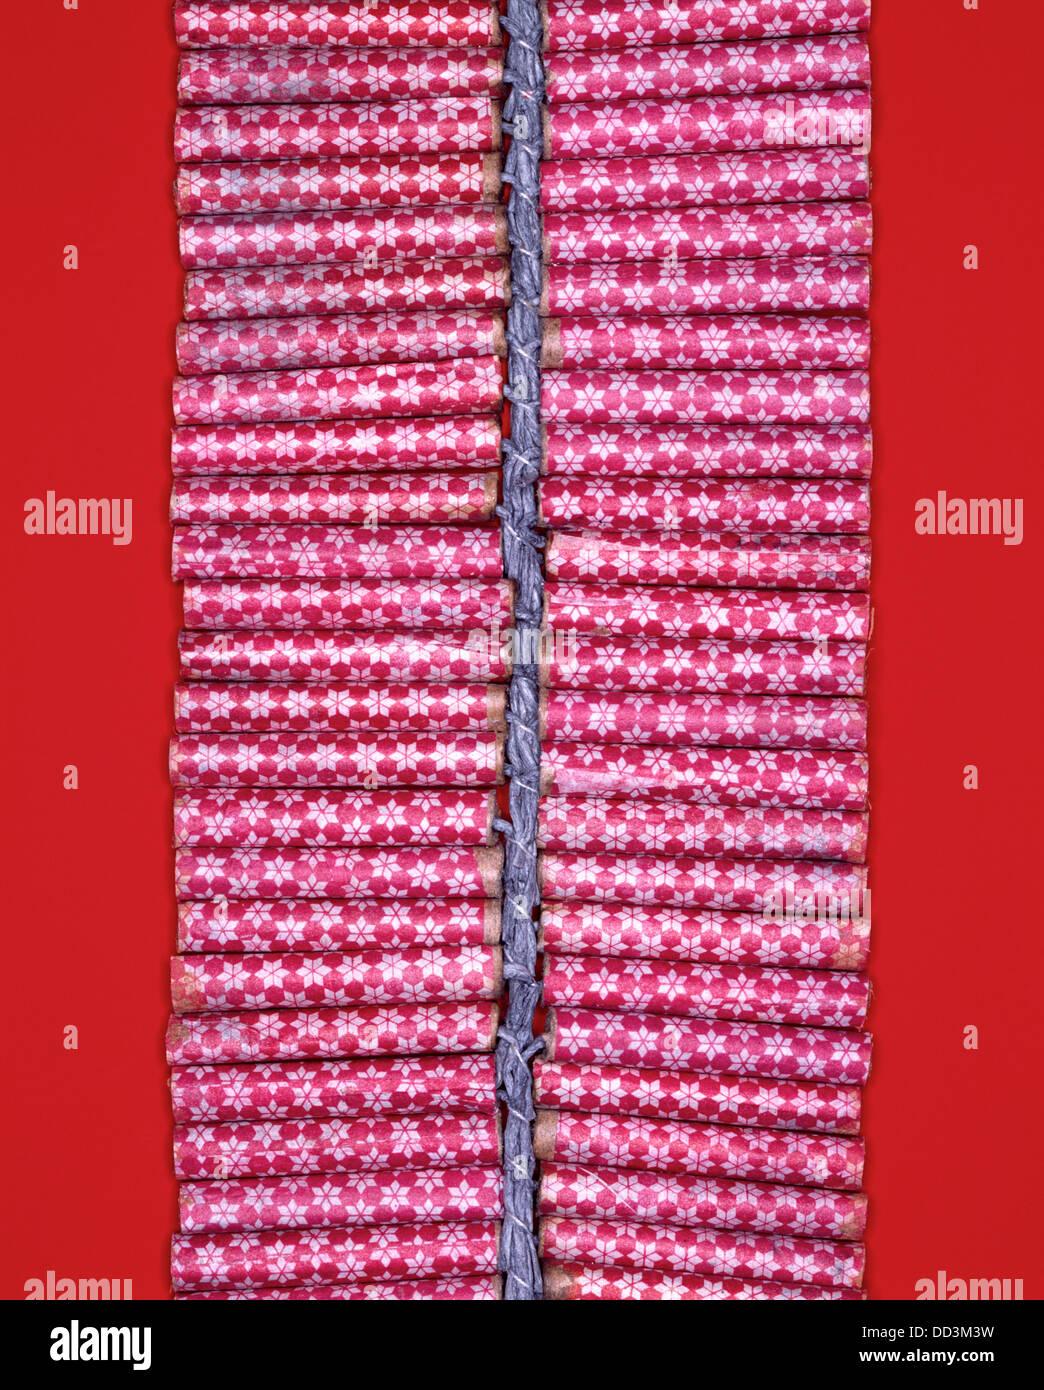 Una cadena de rojo petardos celebrada por un fusible. Fondo rojo brillante Imagen De Stock